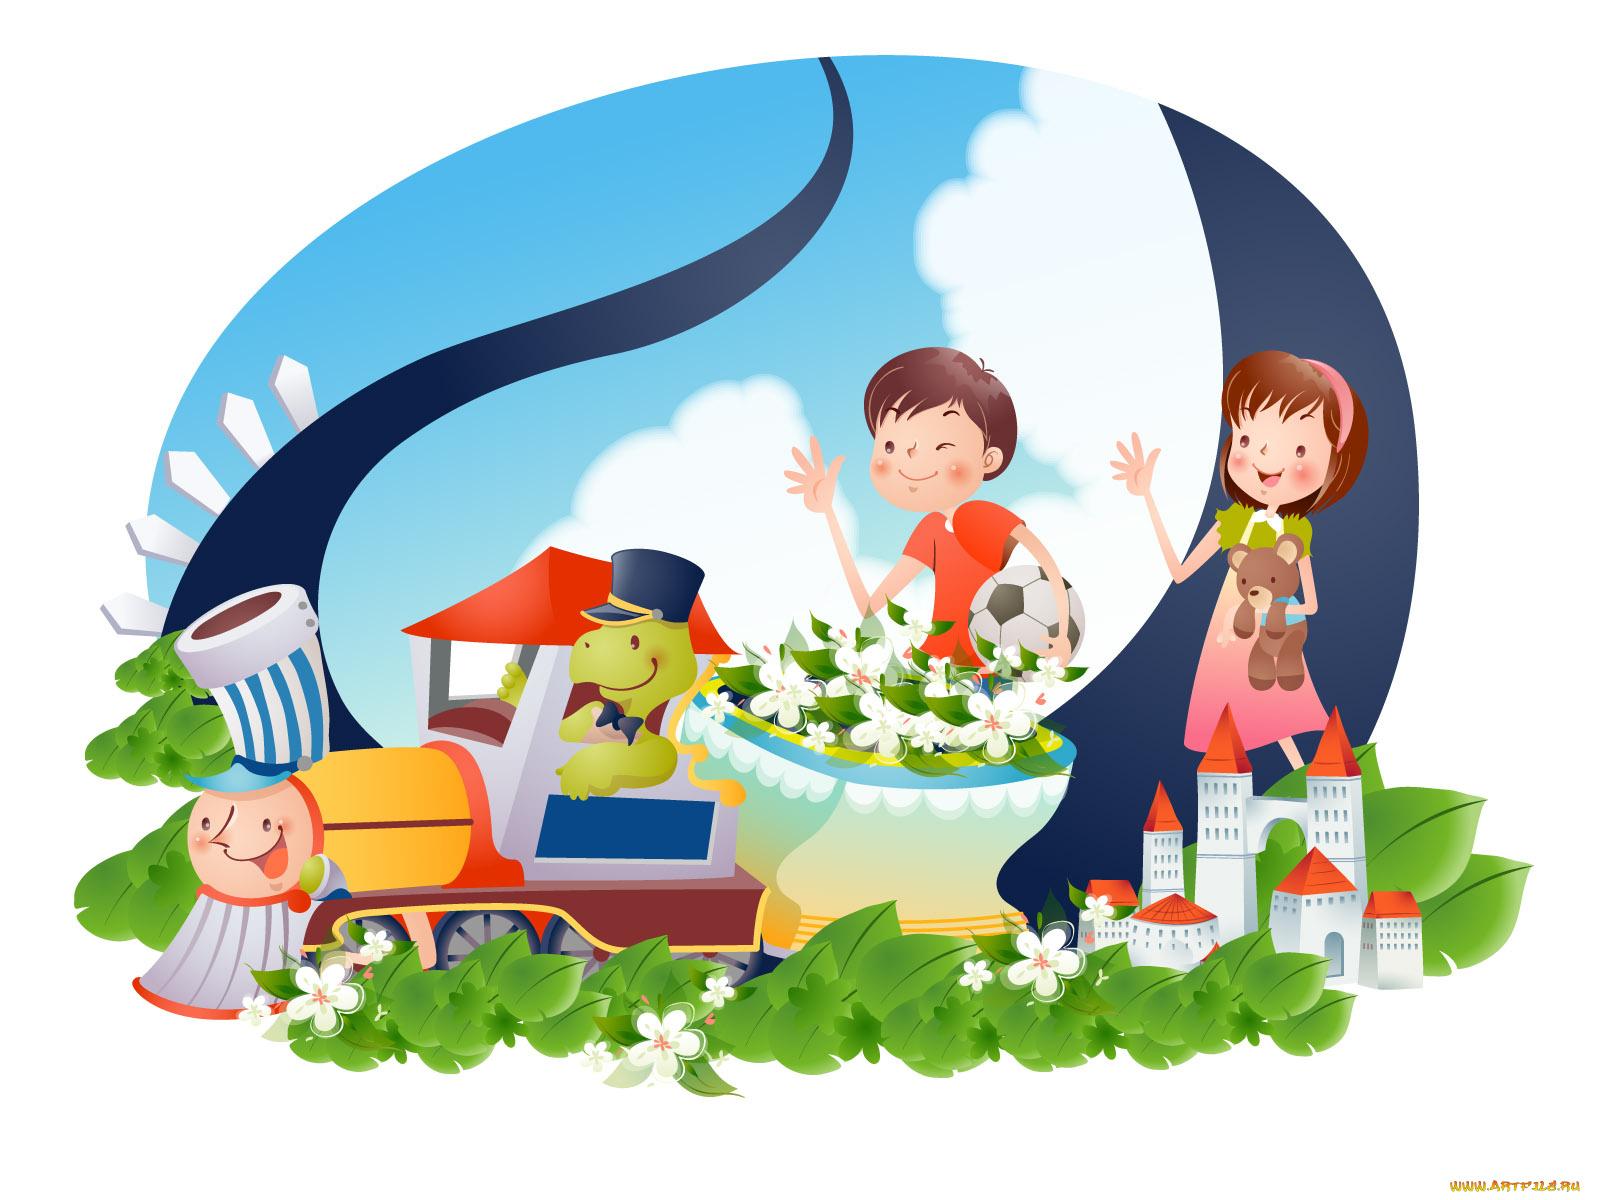 Книге, детский лагерь картинки нарисованные